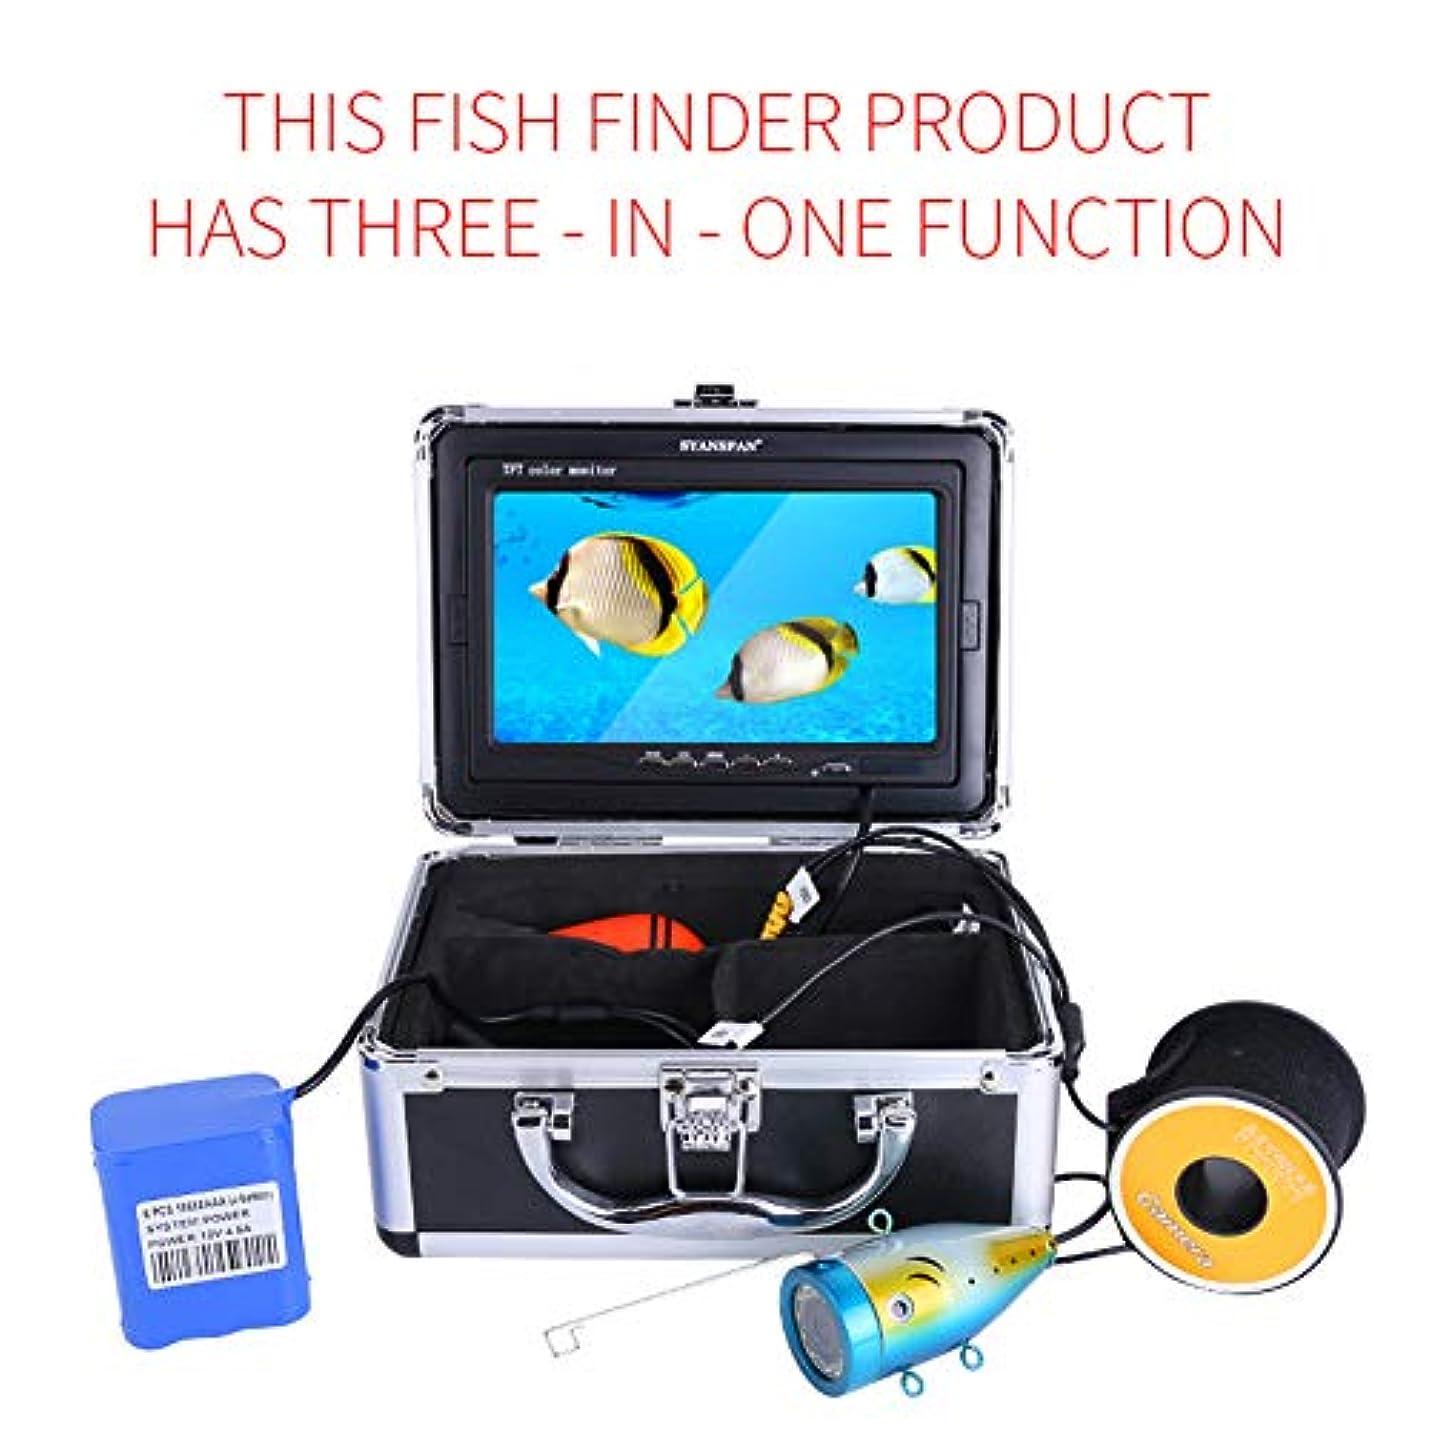 食欲誤解を招くグレートオーク7インチ水中魚群探知機HD水中カメラTFTカラーディスプレイCCDとHD 1000TVLカメラDVRビデオ(50M)